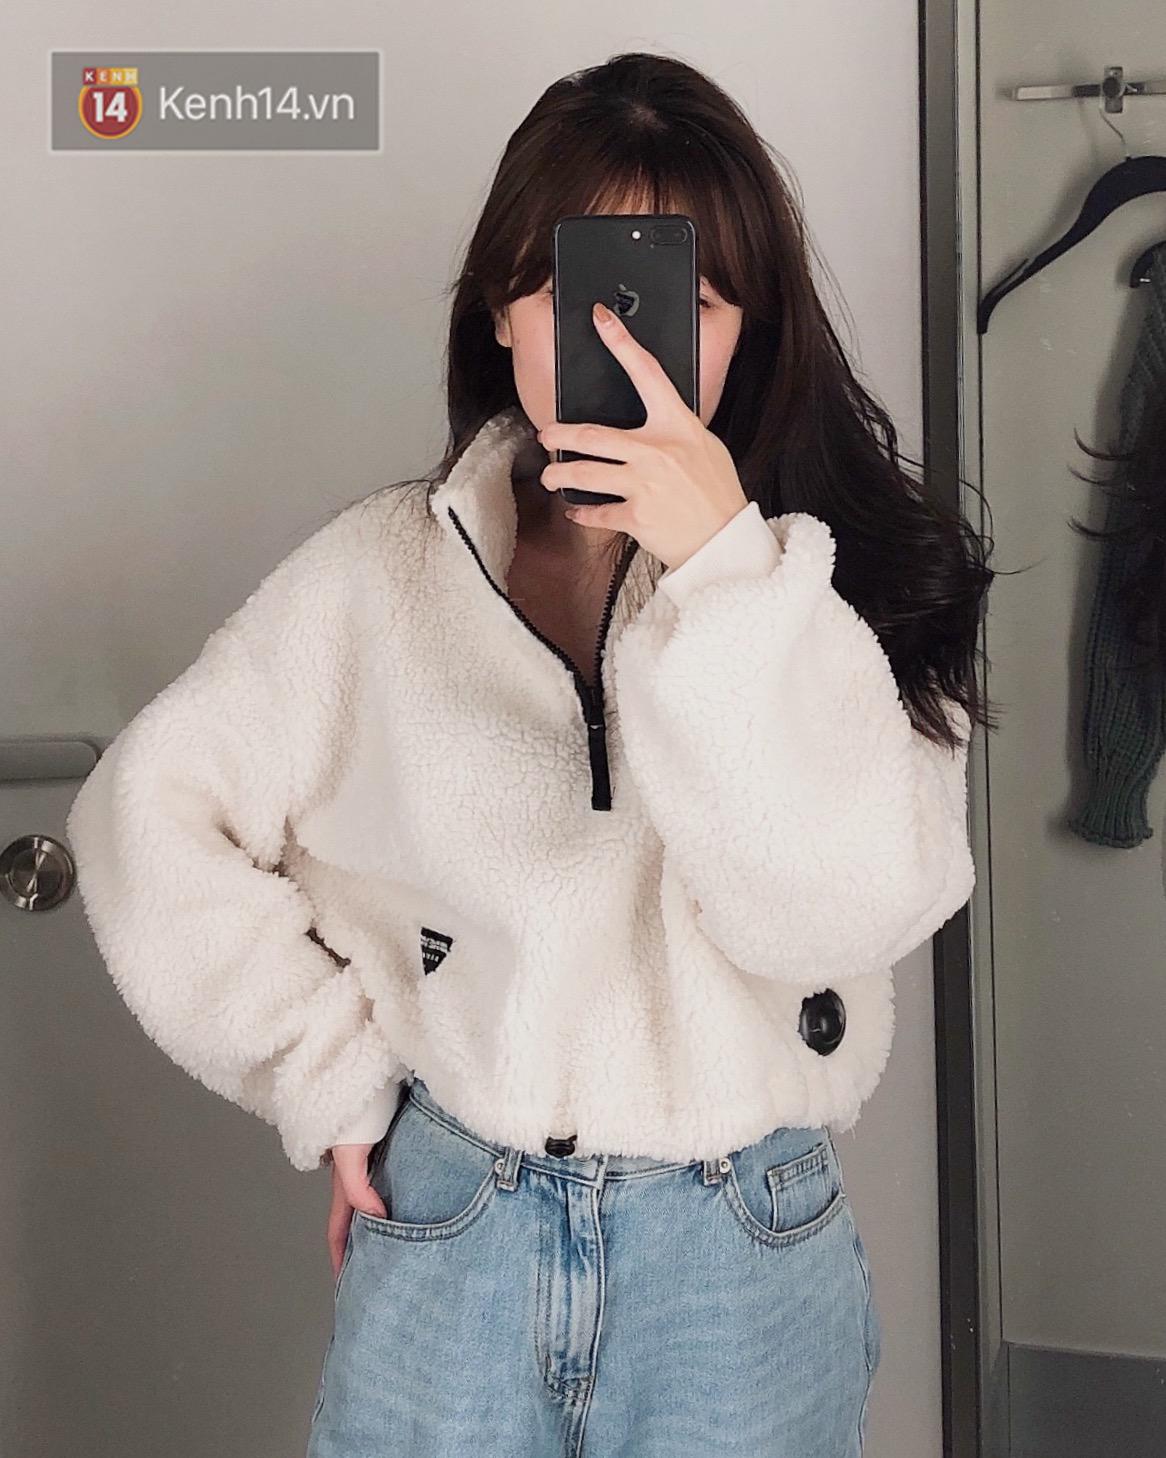 Clip: Lượn nhanh vào Zara - H&M, mình đã tia được 7 em áo ấm siêu xinh giá chỉ từ 499K - Ảnh 2.